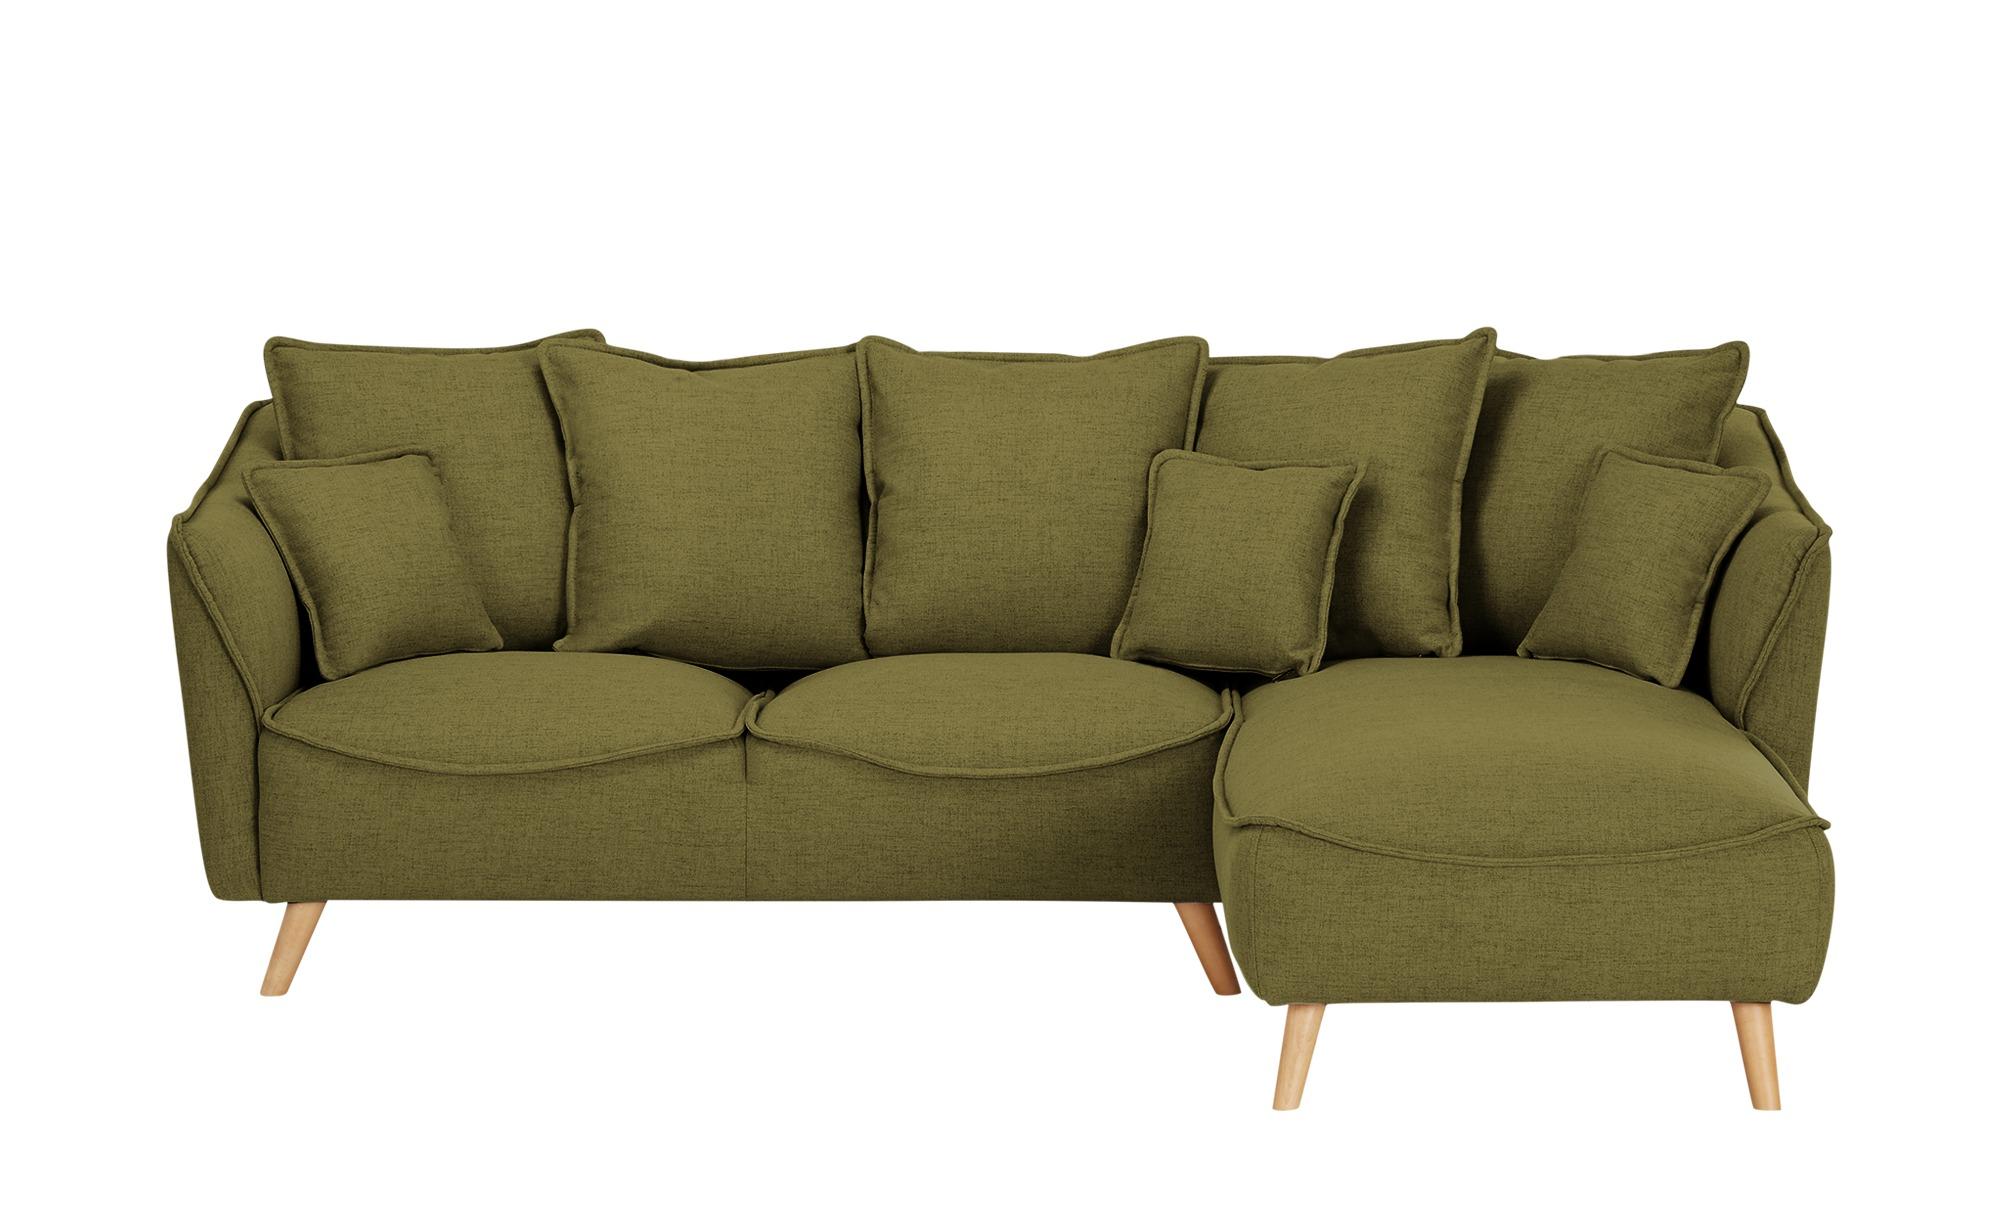 Ecksofa  Vejen ¦ grün ¦ Maße (cm): H: 80 Polstermöbel > Sofas > Ecksofas - Höffner